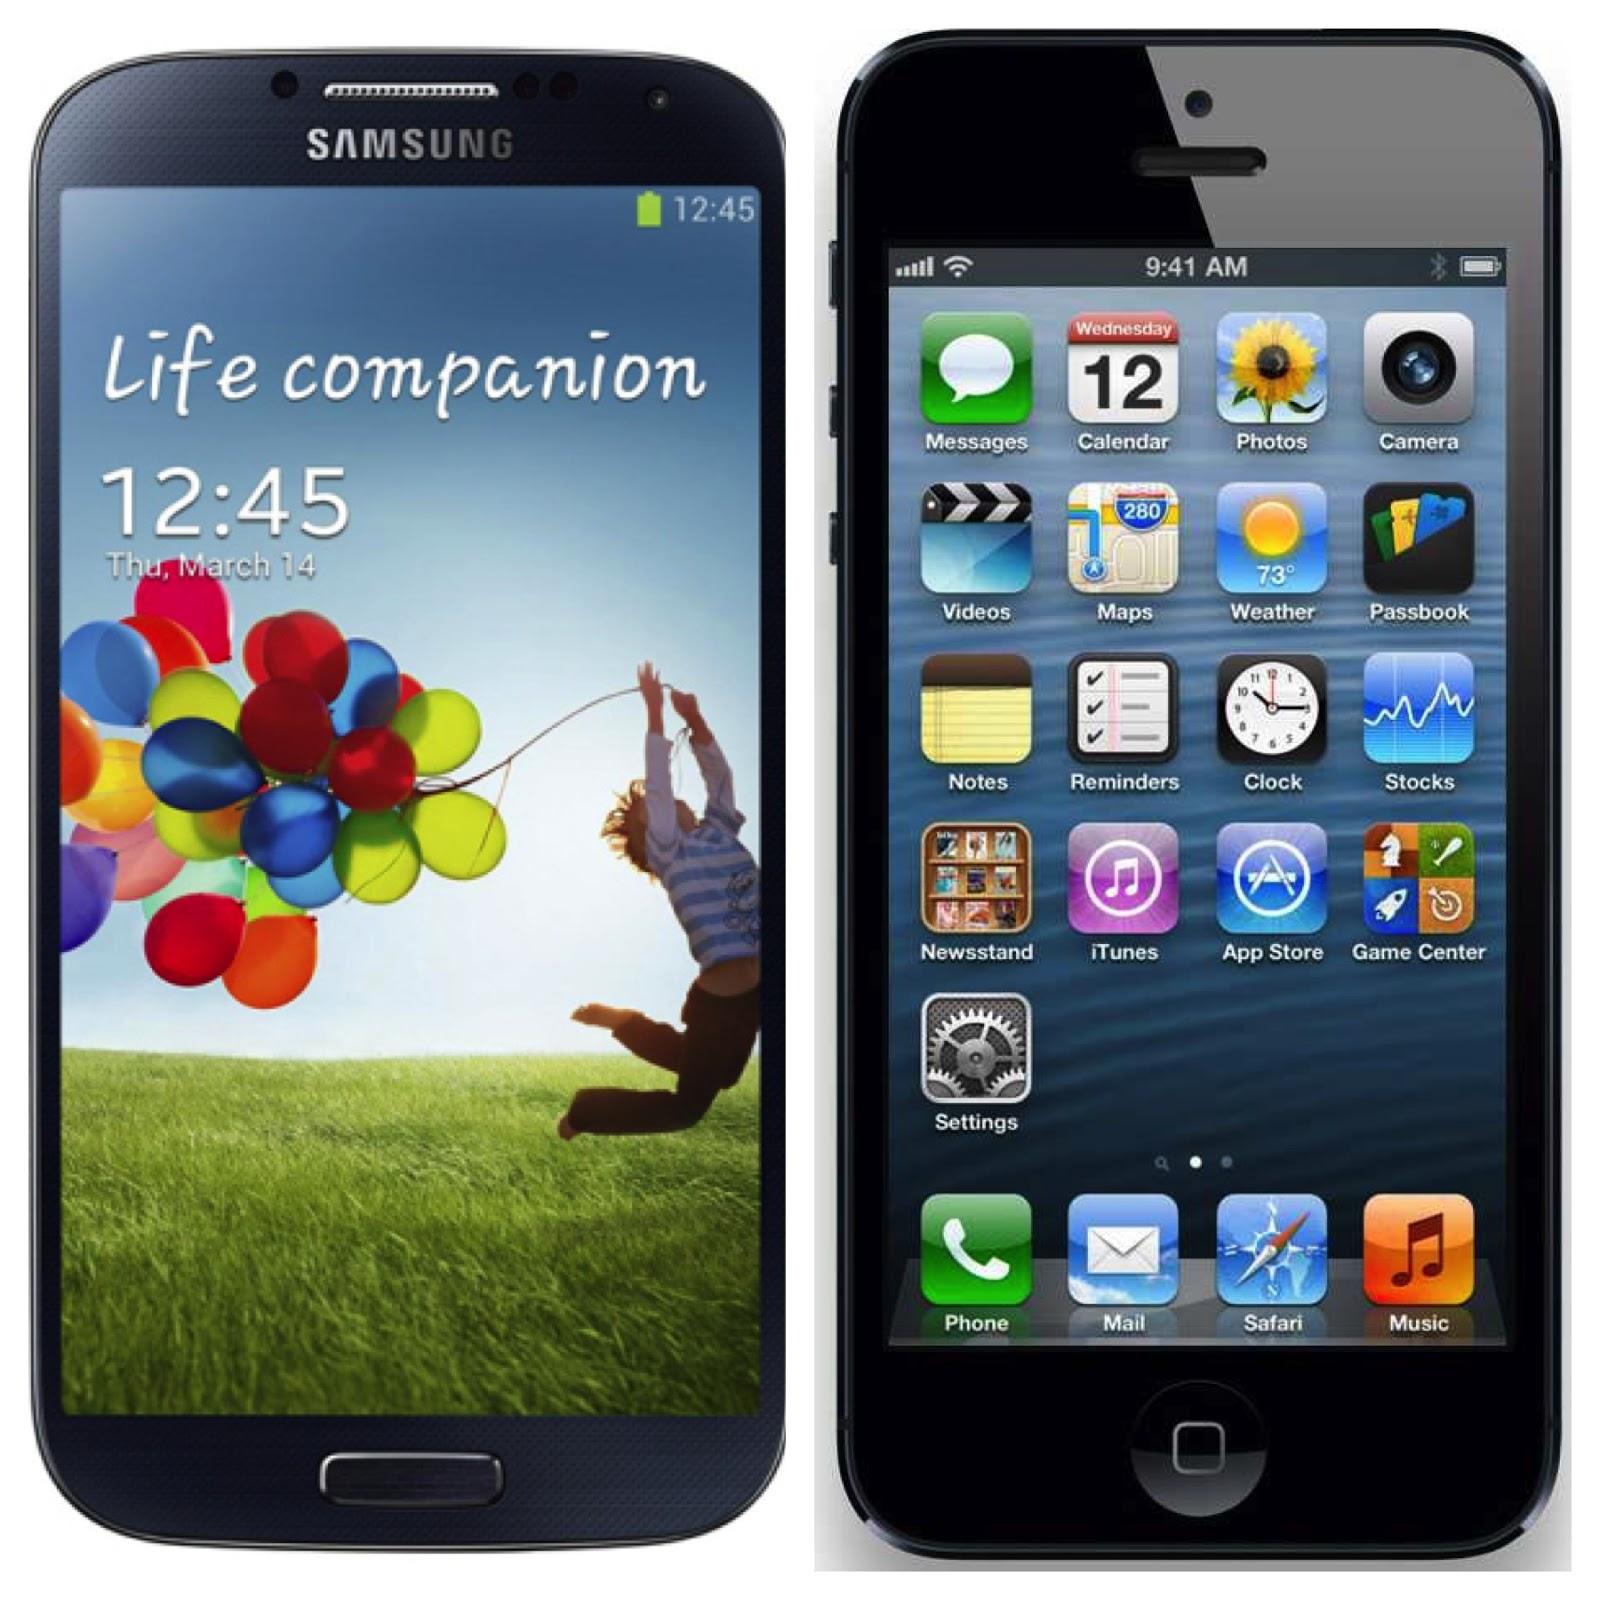 Musik von Samsung auf iPhone übertragen